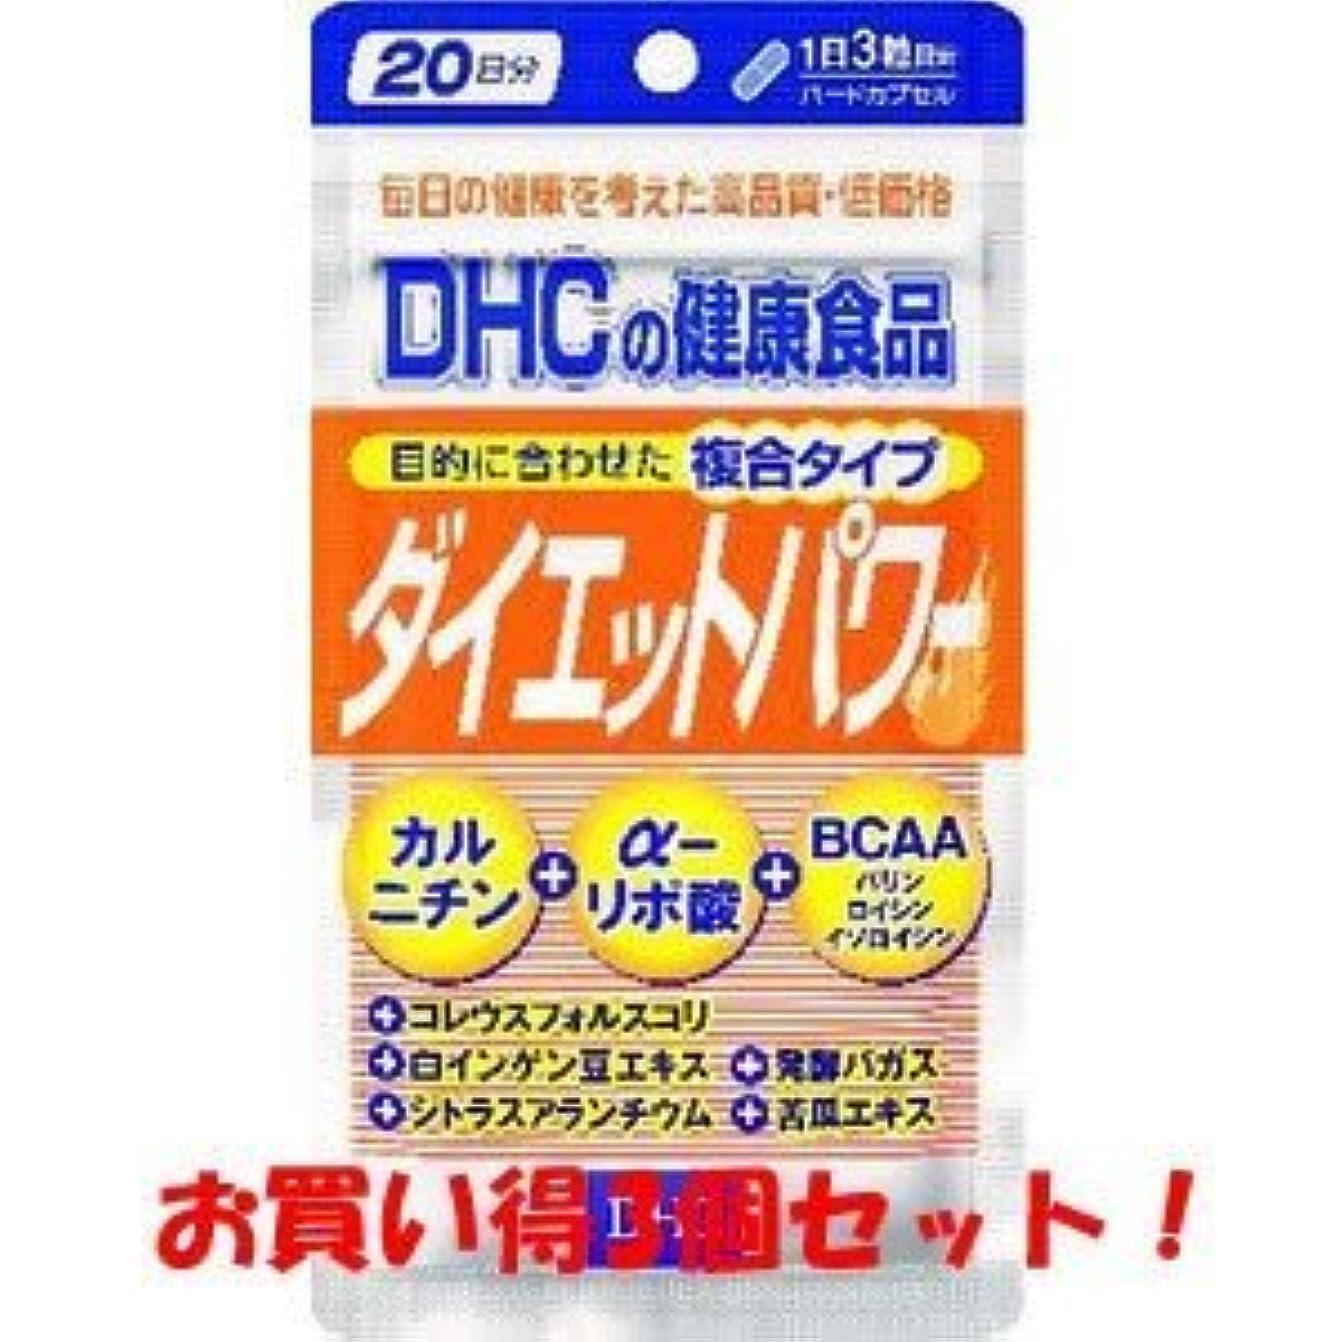 漫画石のメダルDHC ダイエットパワー20日分 60粒(お買い得3個セット)